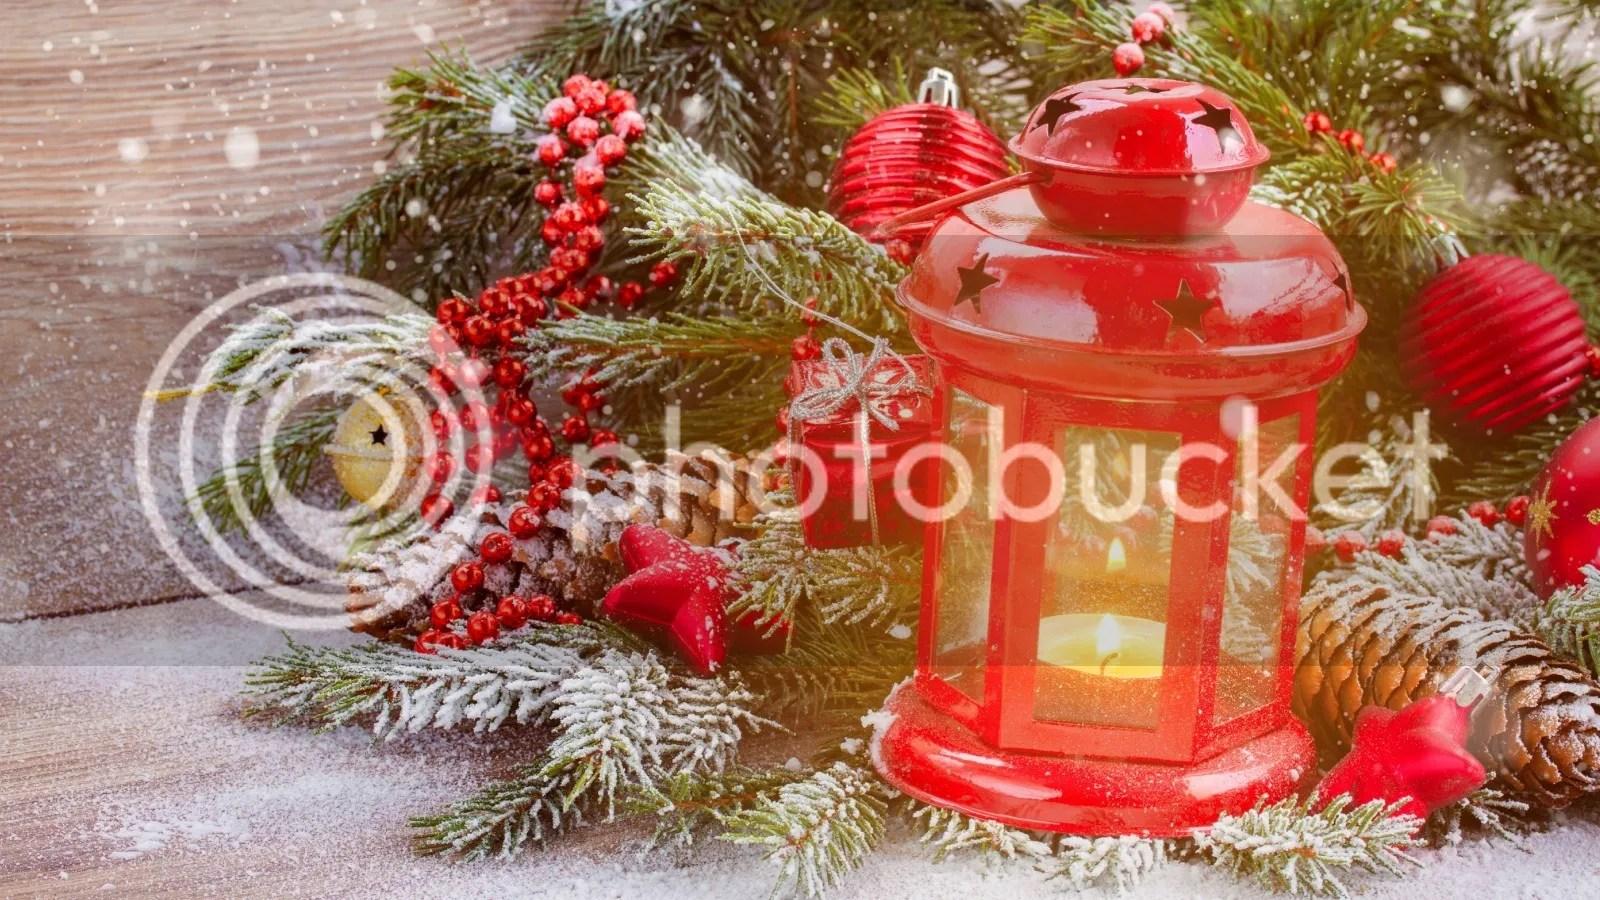 photo Christmas lantern_zpsqw2l6lnb.jpg